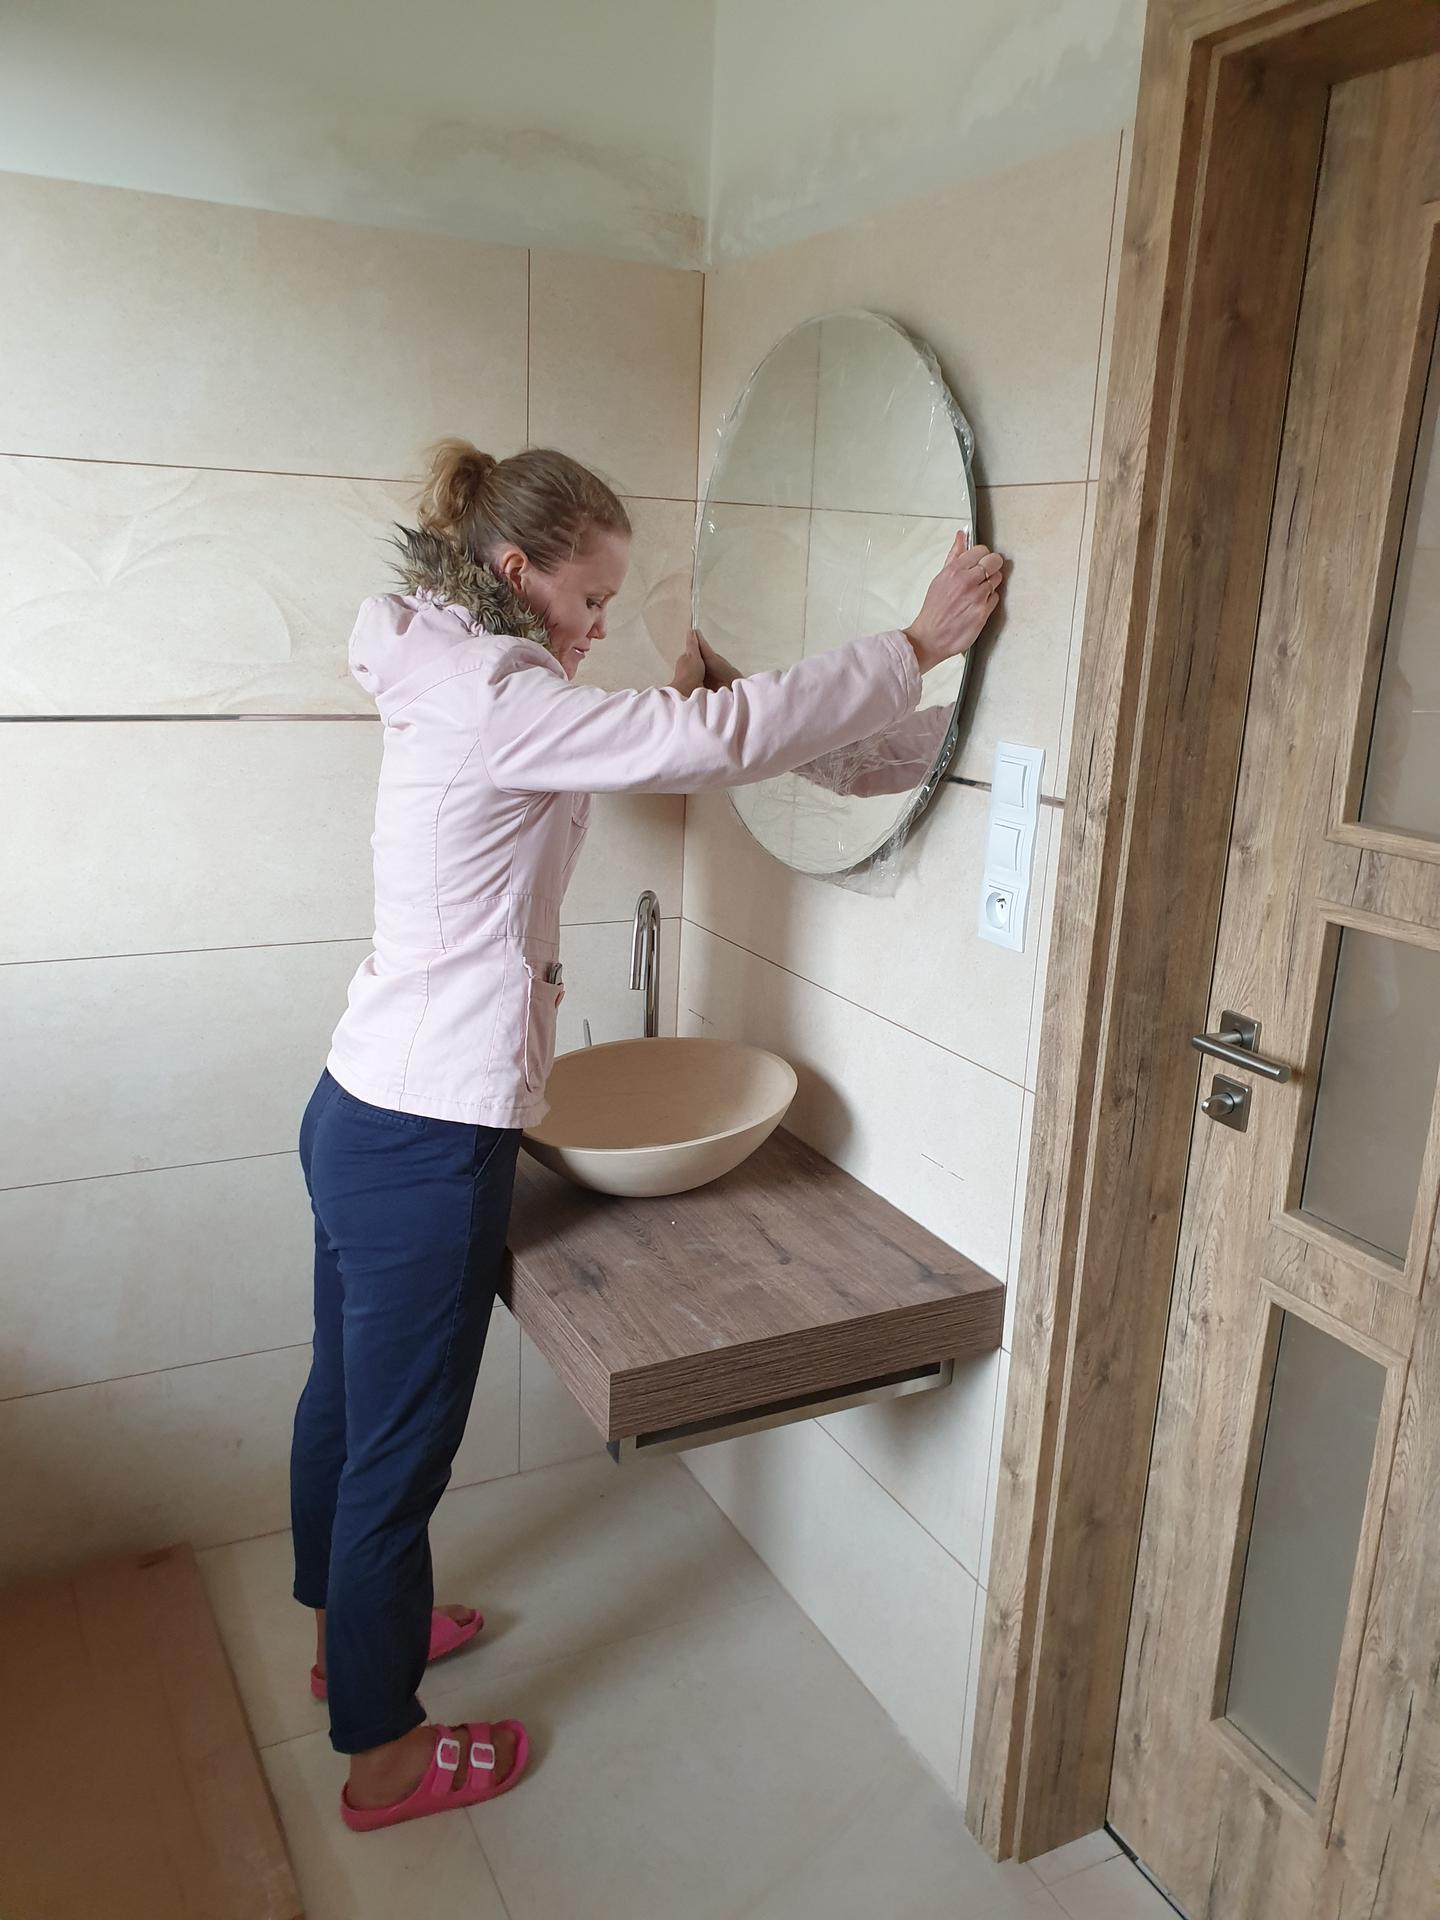 Koupelna - Deska příjde posunout o cca 10cm výš (vodáci se nezamysleli - bohužel :D)